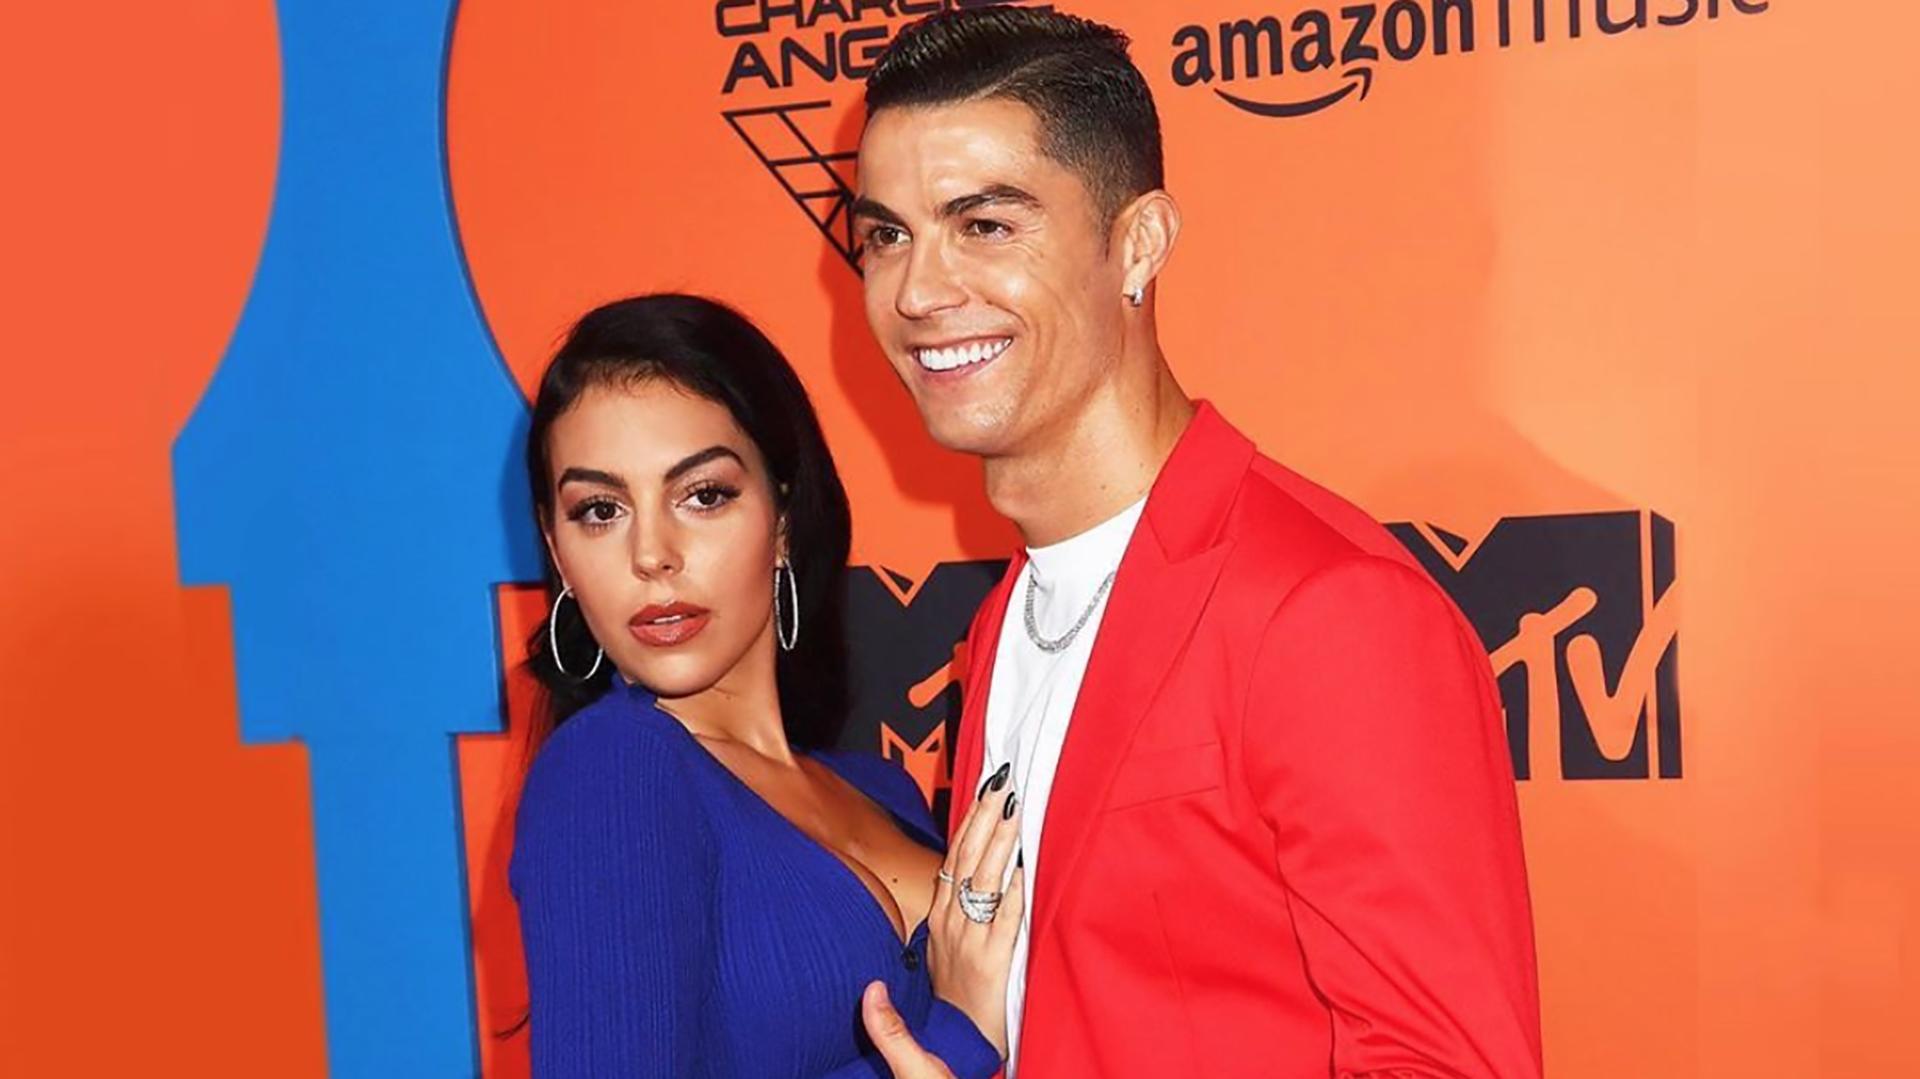 Ronaldo Juventus, voci dalla Spagna: possibile ritorno al Real Madrid